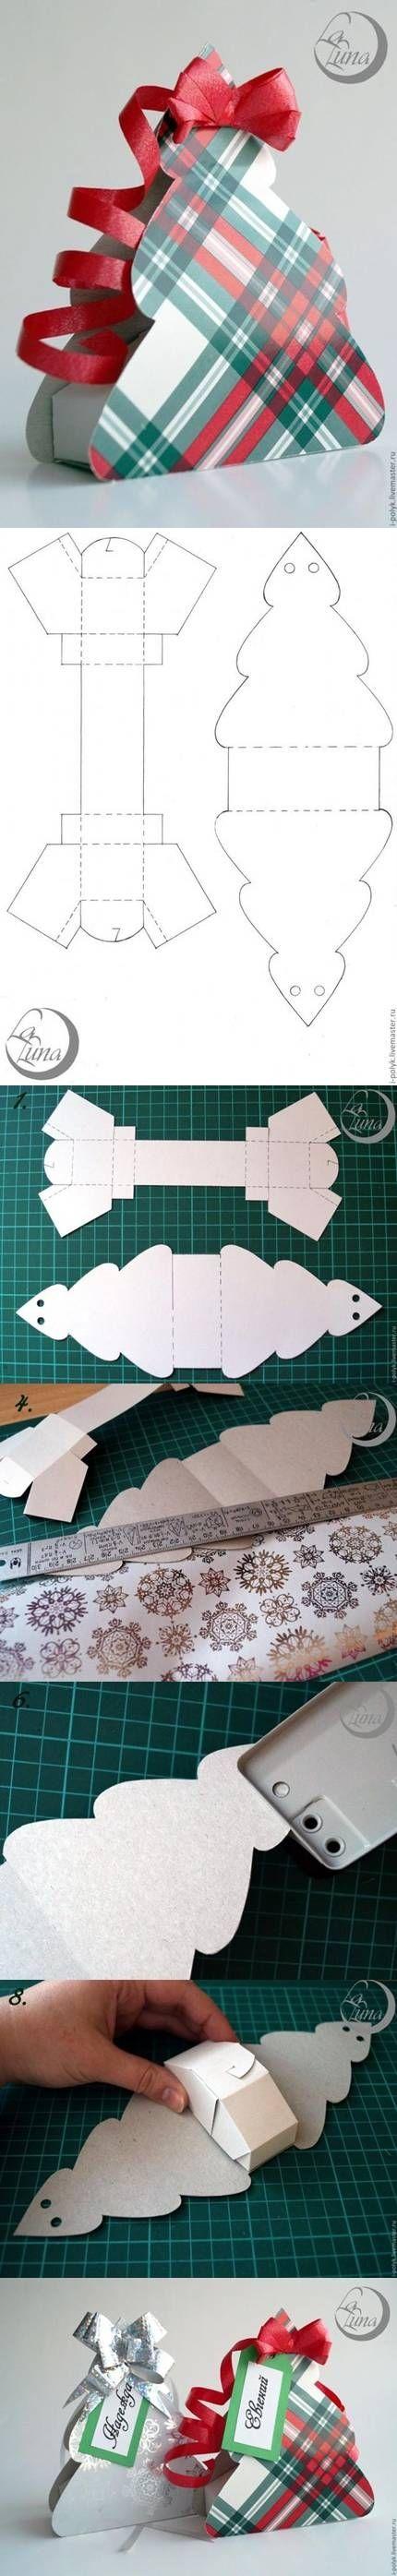 DIY Ornamento Gift Box fai da te Ornamento Gift Box da diyforever